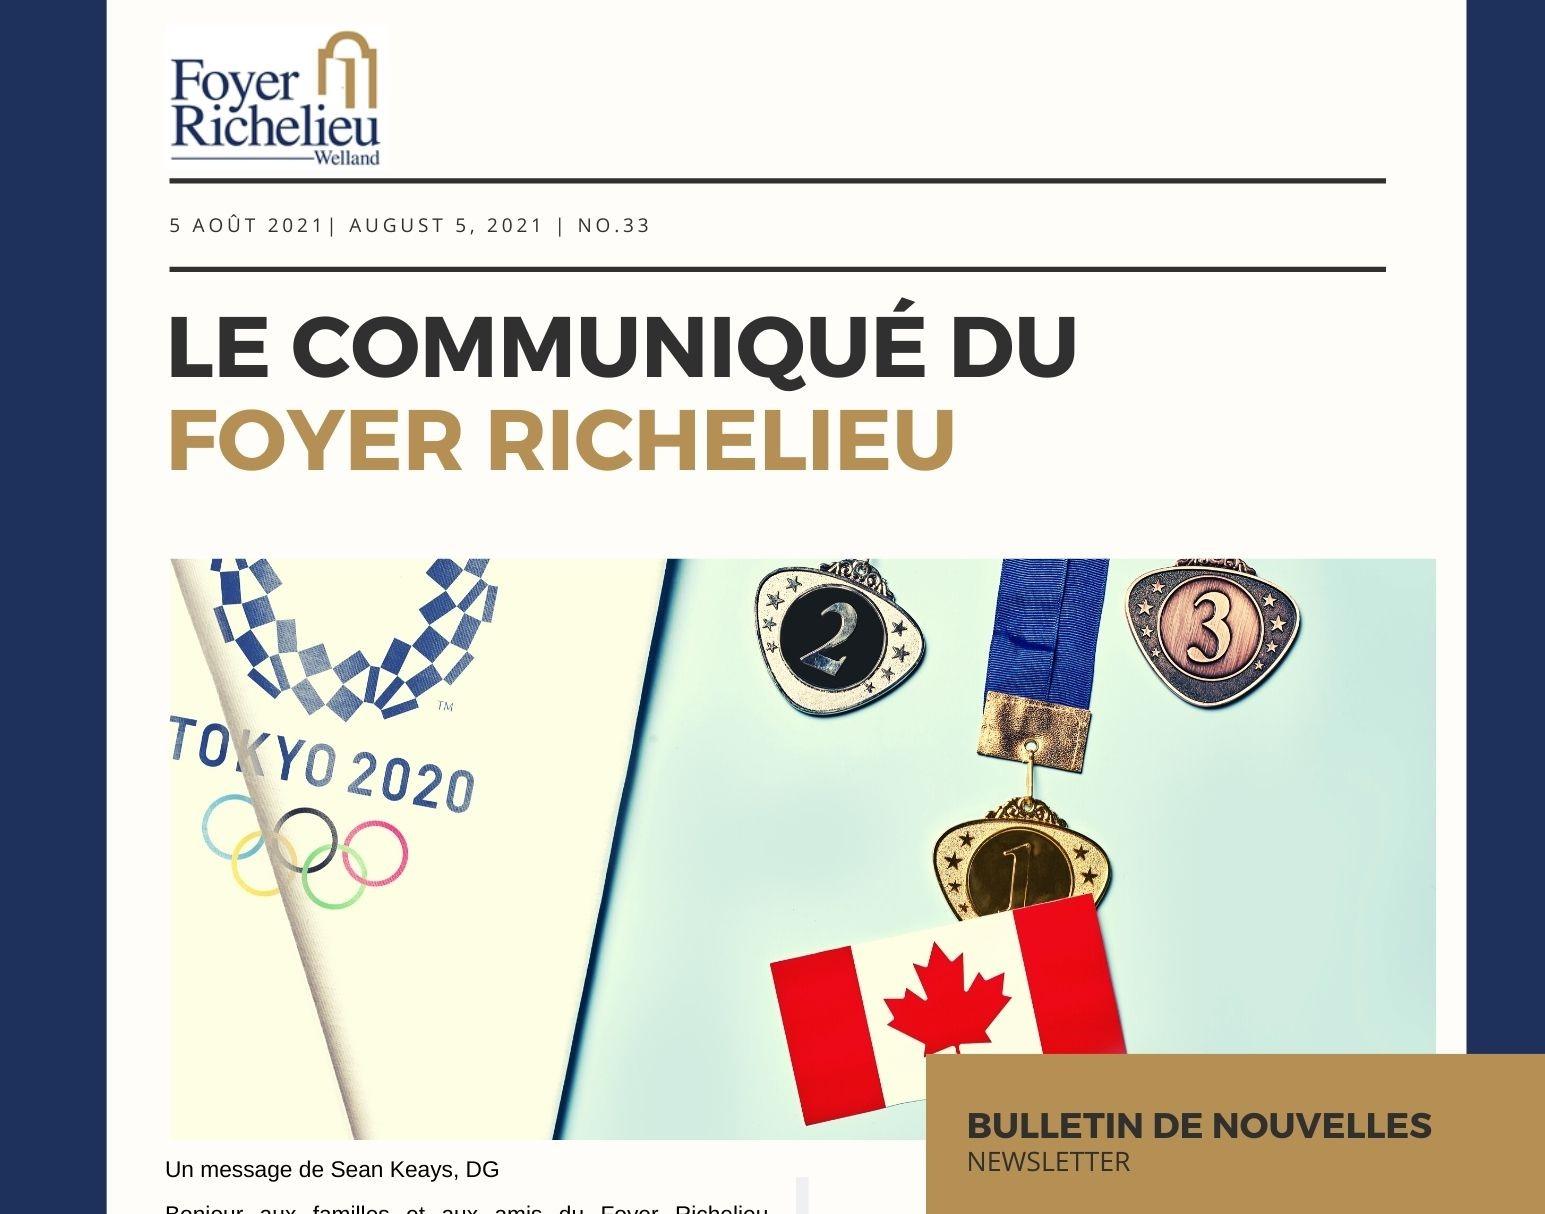 2021/08/05 – Le communiqué du Foyer Richelieu